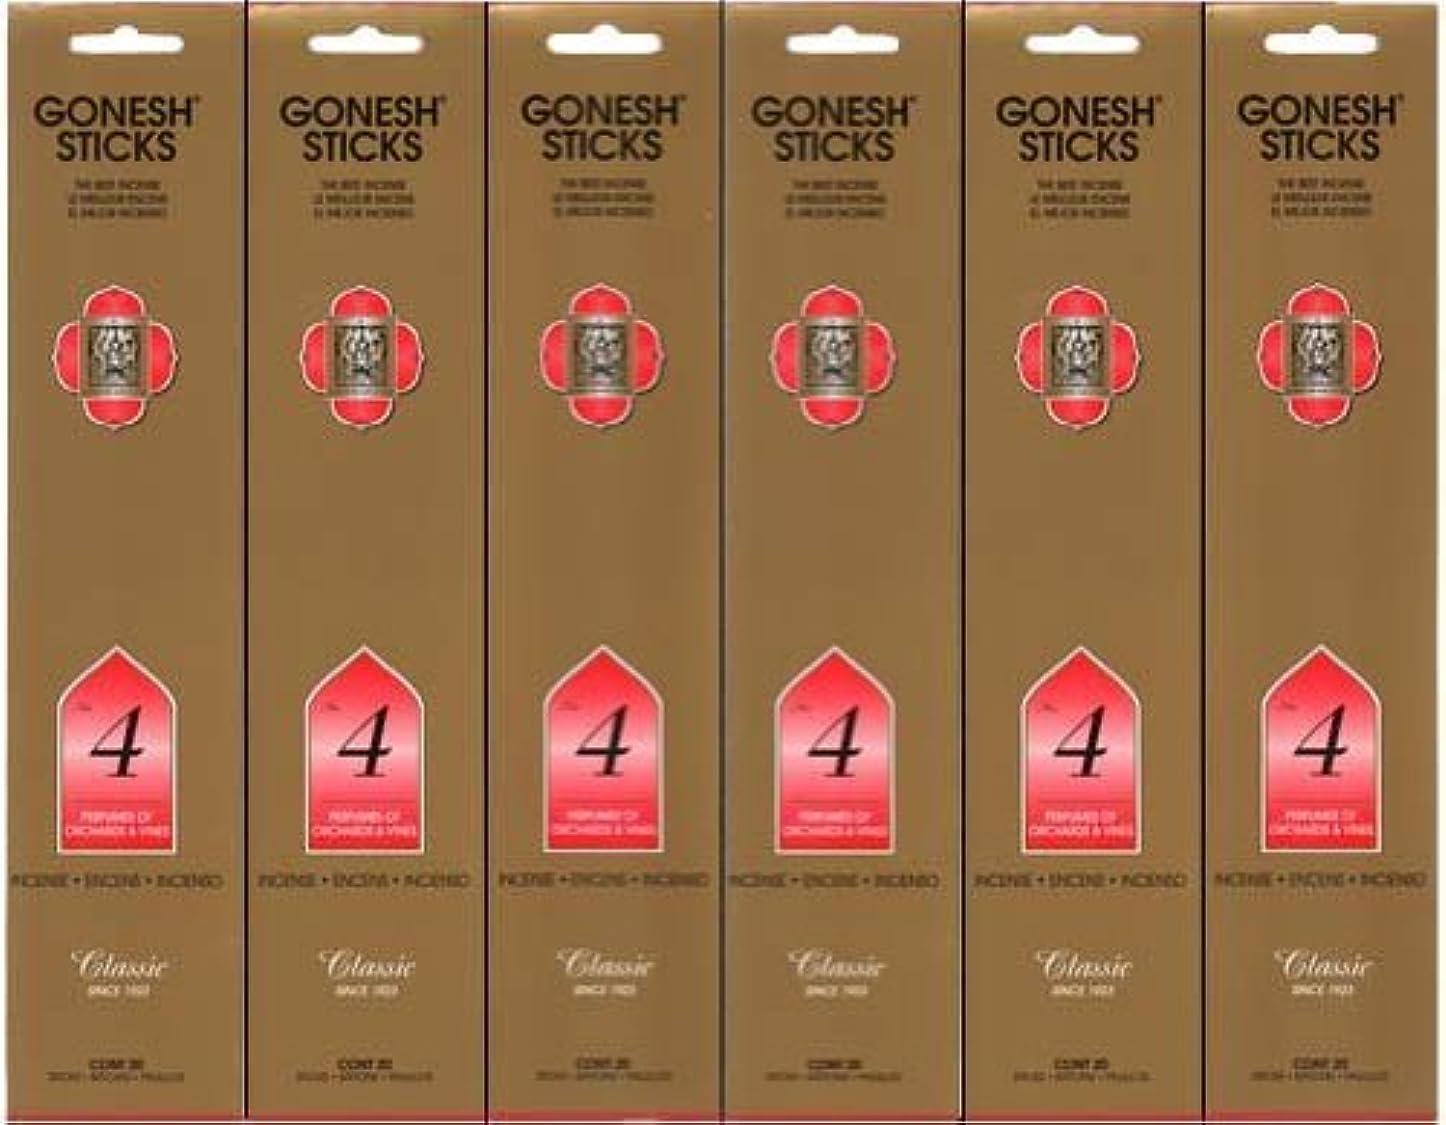 昆虫を見る近傍数字GONESH インセンス No.4 スティック 20本入り X 6パック (120本)